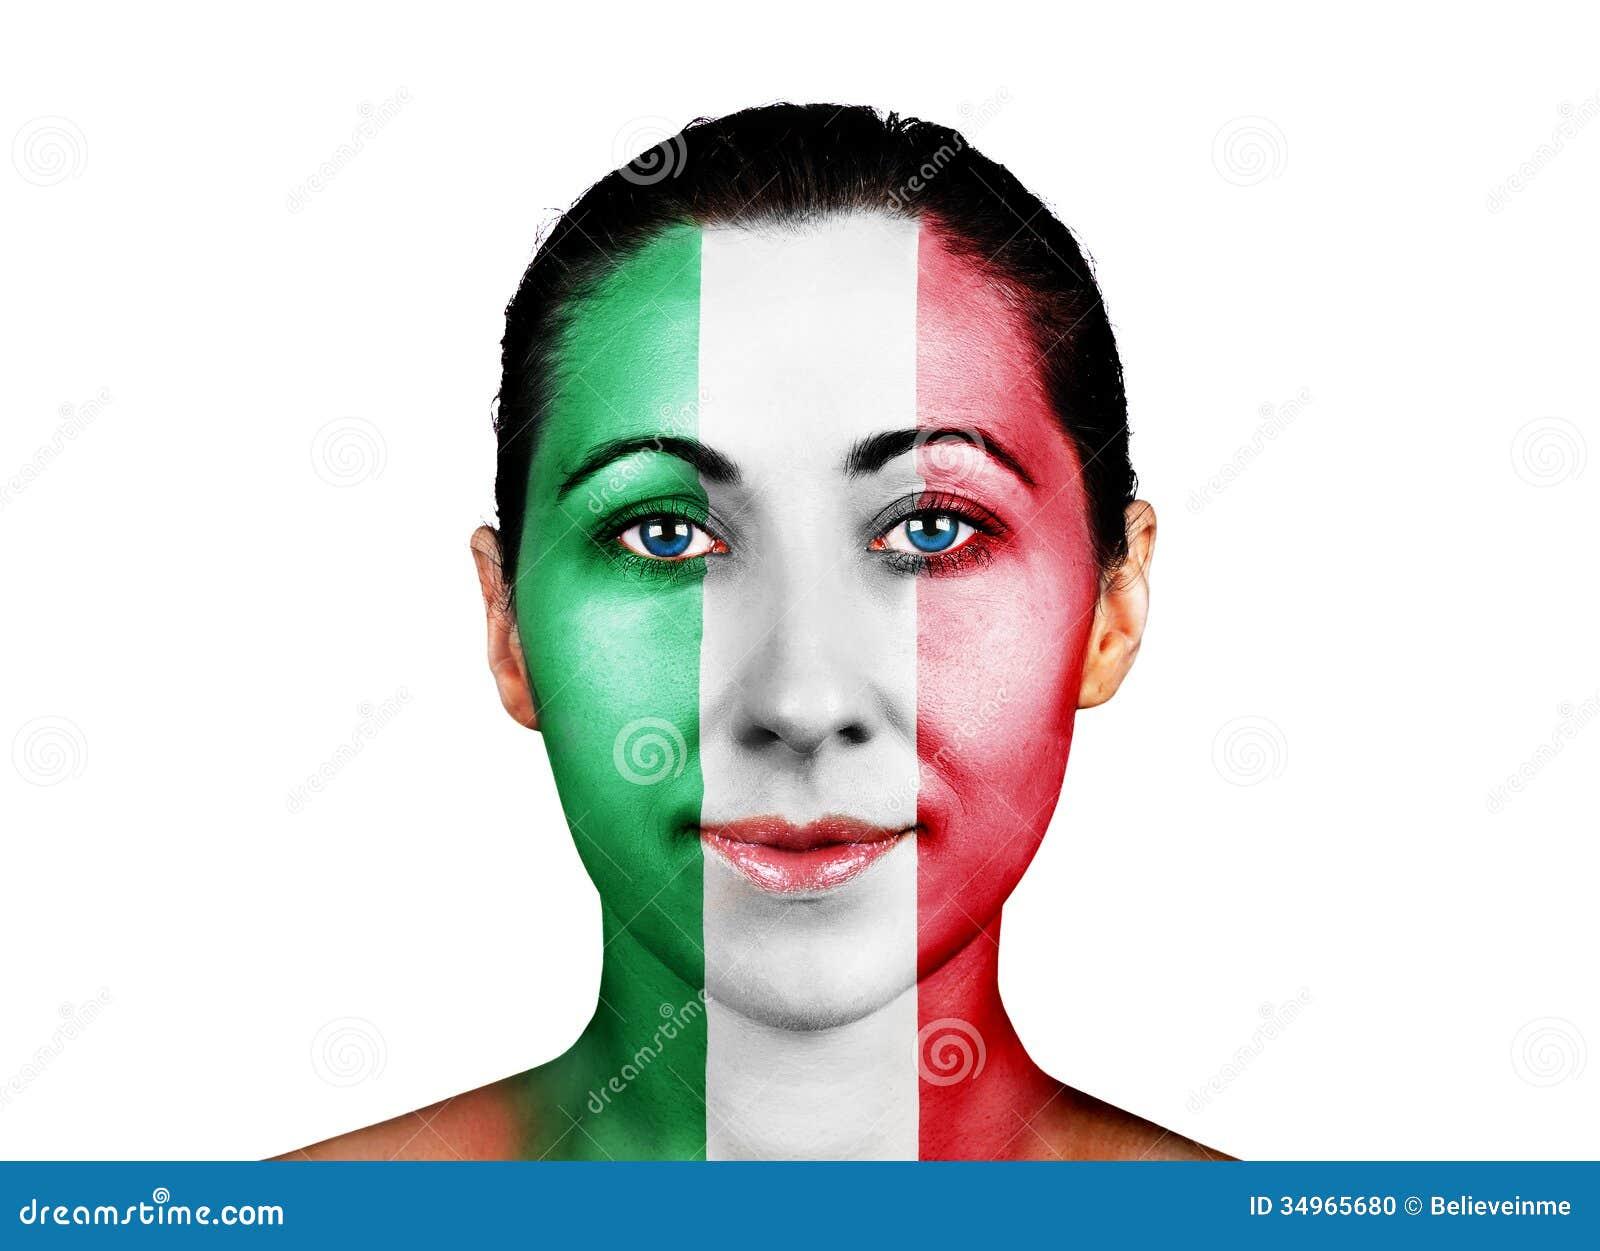 Πρόσωπο με τη σημαία της Ιταλίας